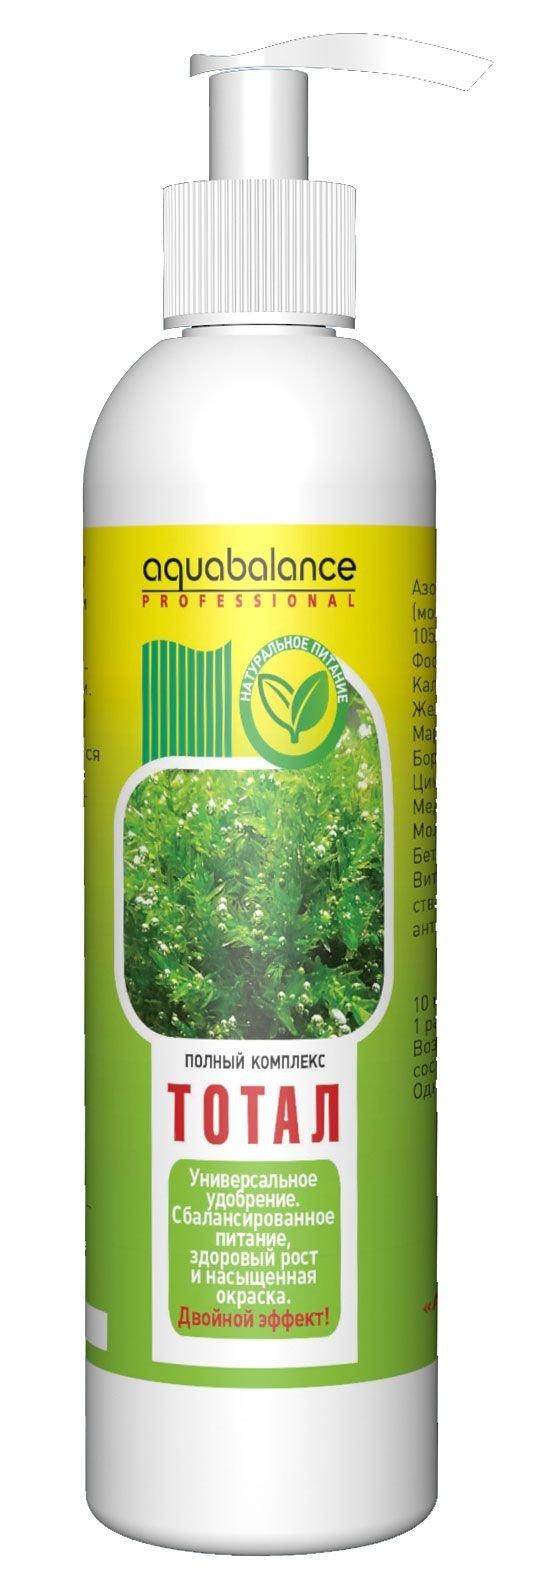 Удобрение Aquabalance Тотал 250мл